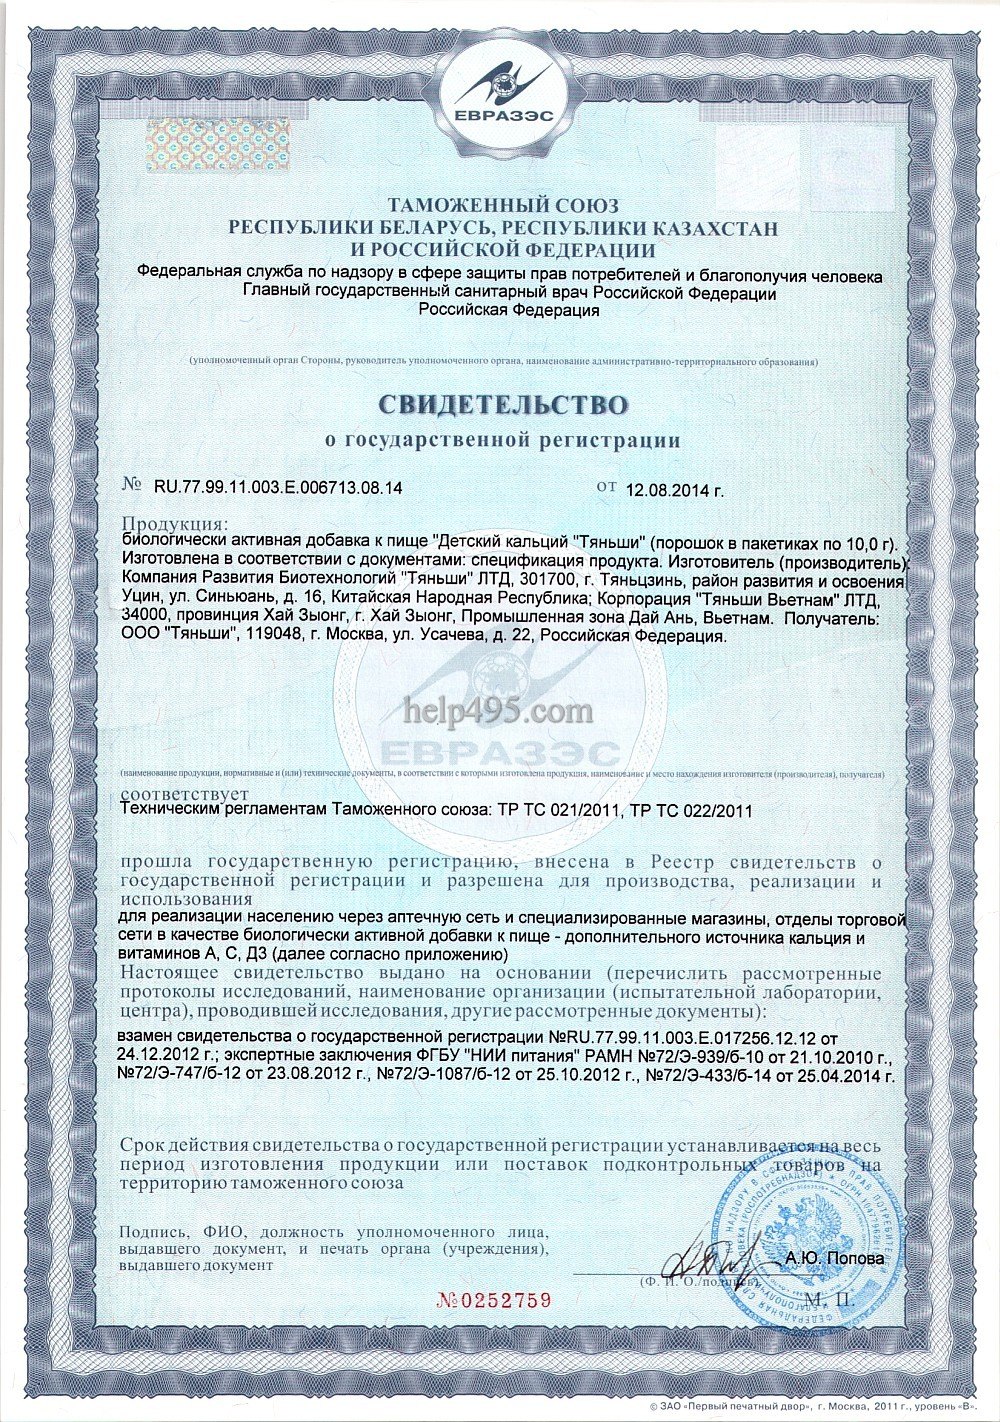 1-ая стр. сертификата препарата: Детский кальций Тяньши